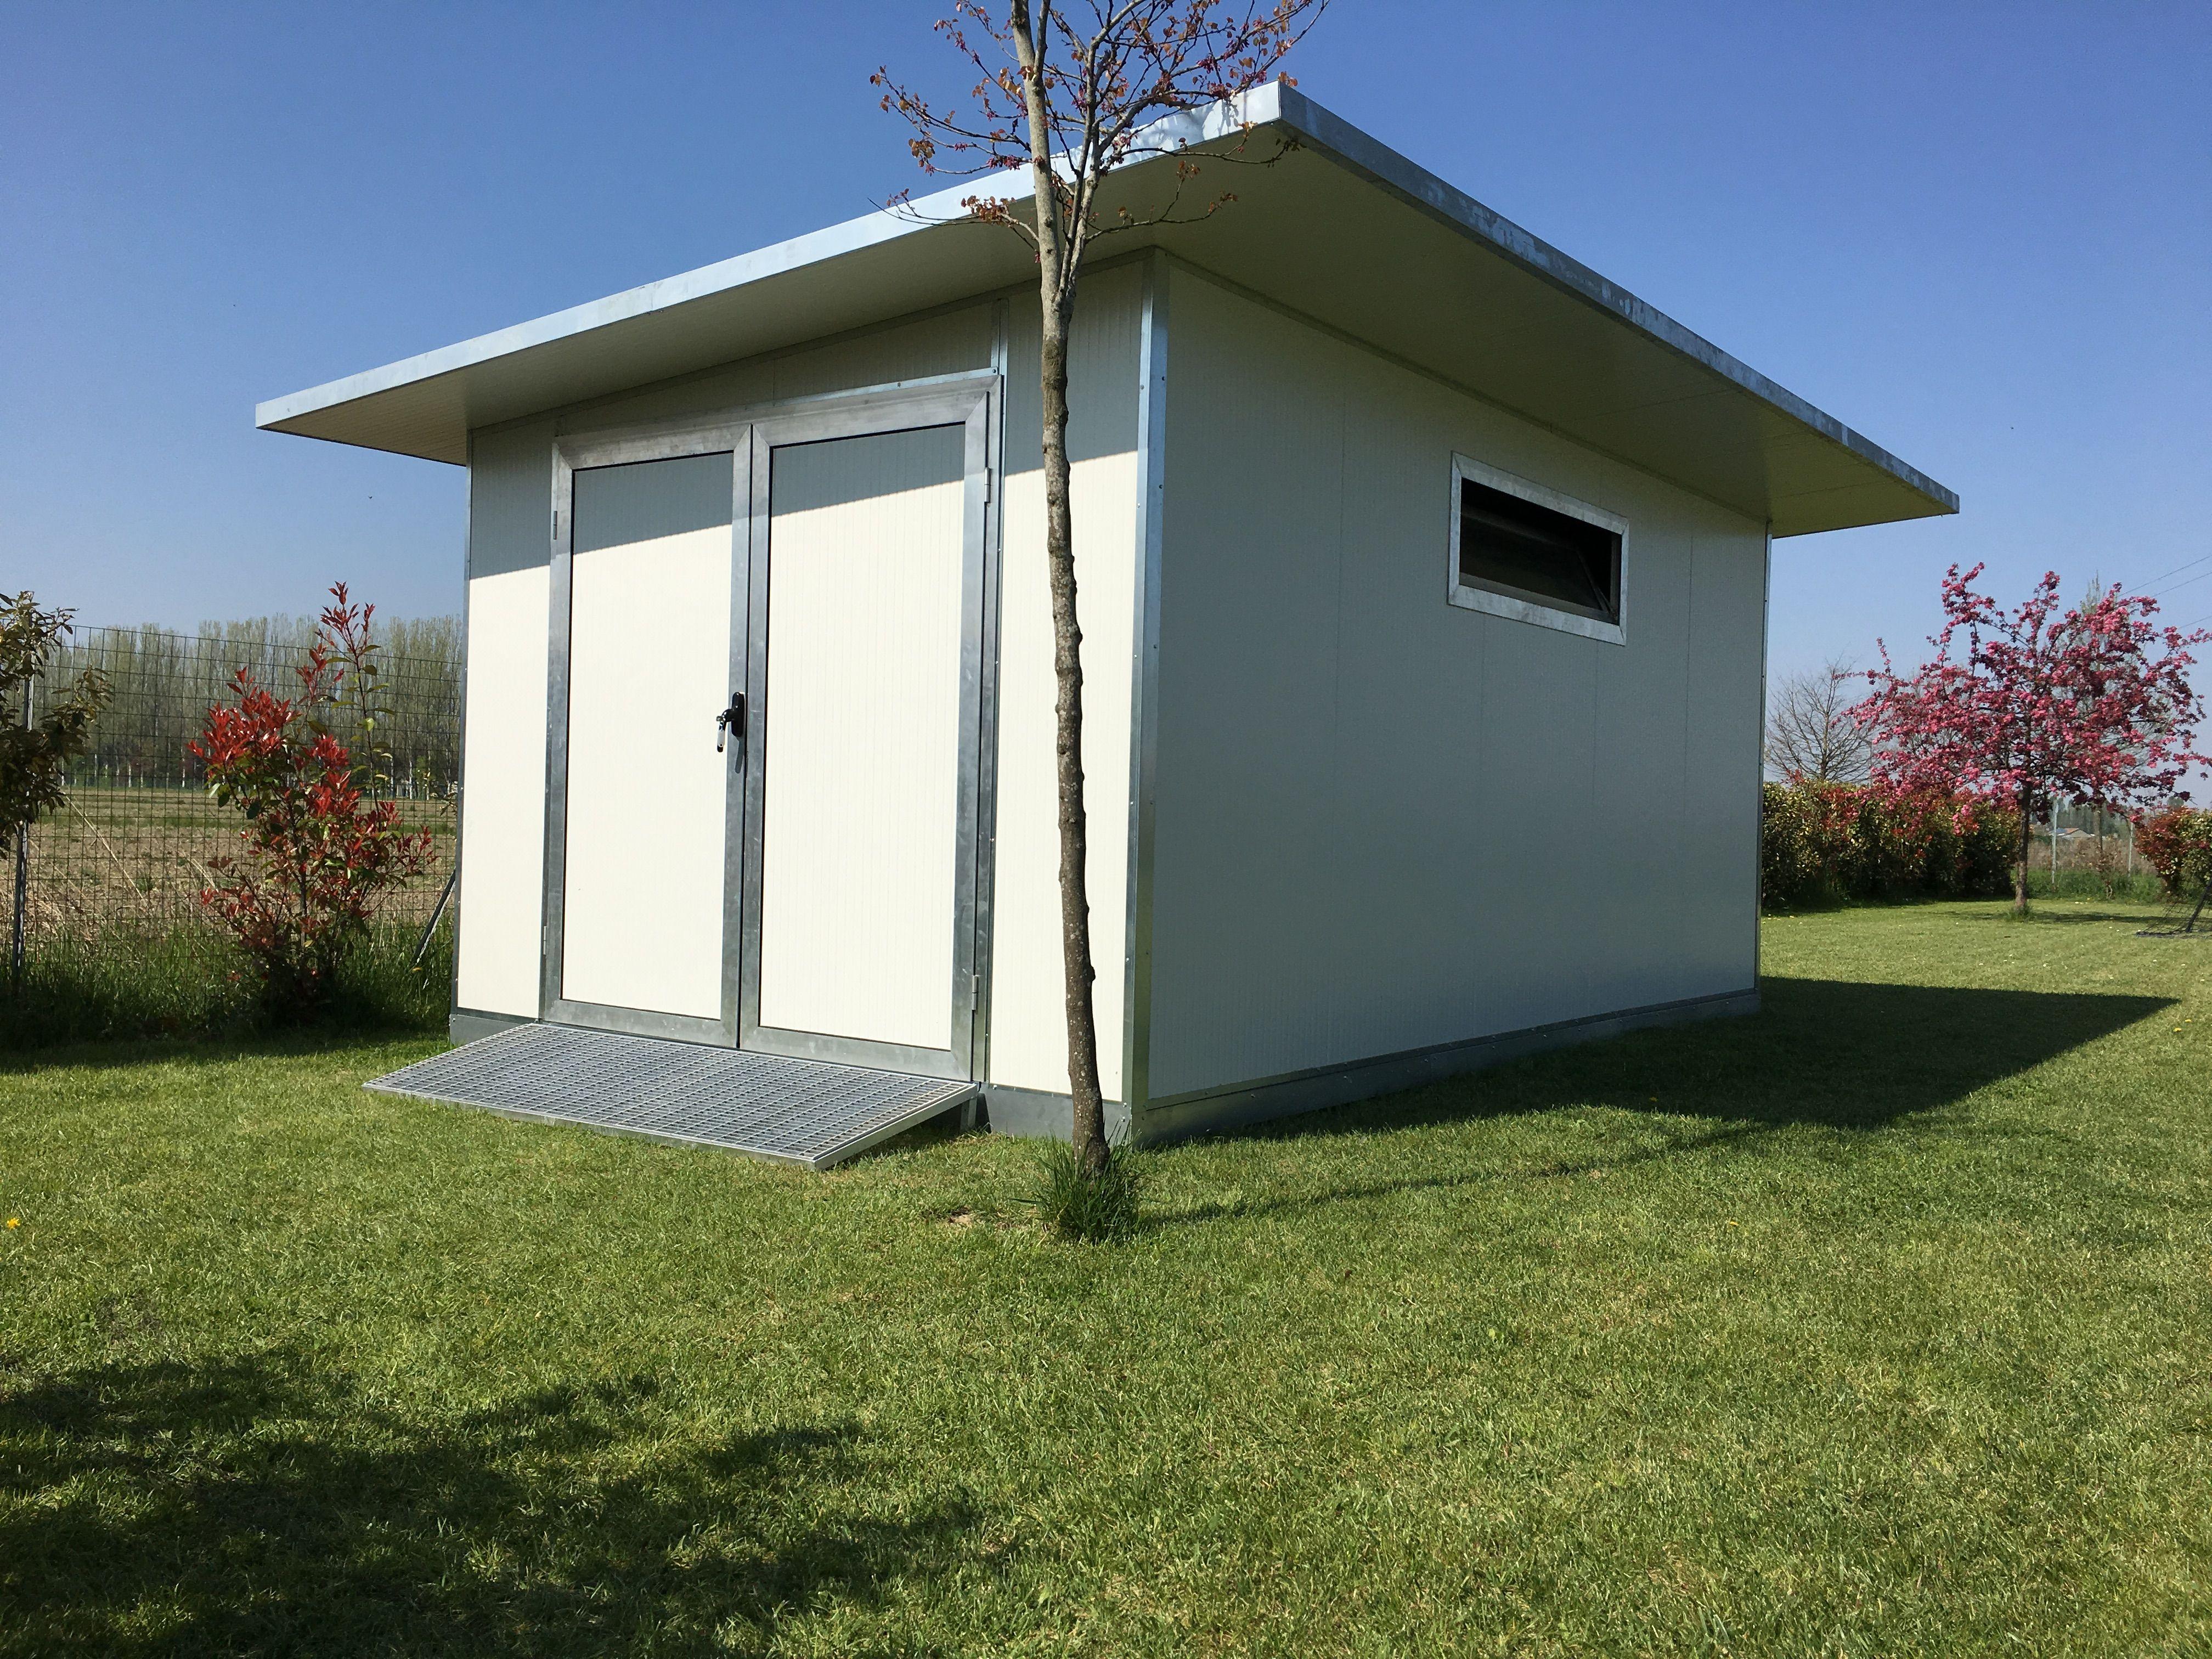 Casette Da Giardino In Alluminio : Casetta in alluminio per giardino michela casette per giardino